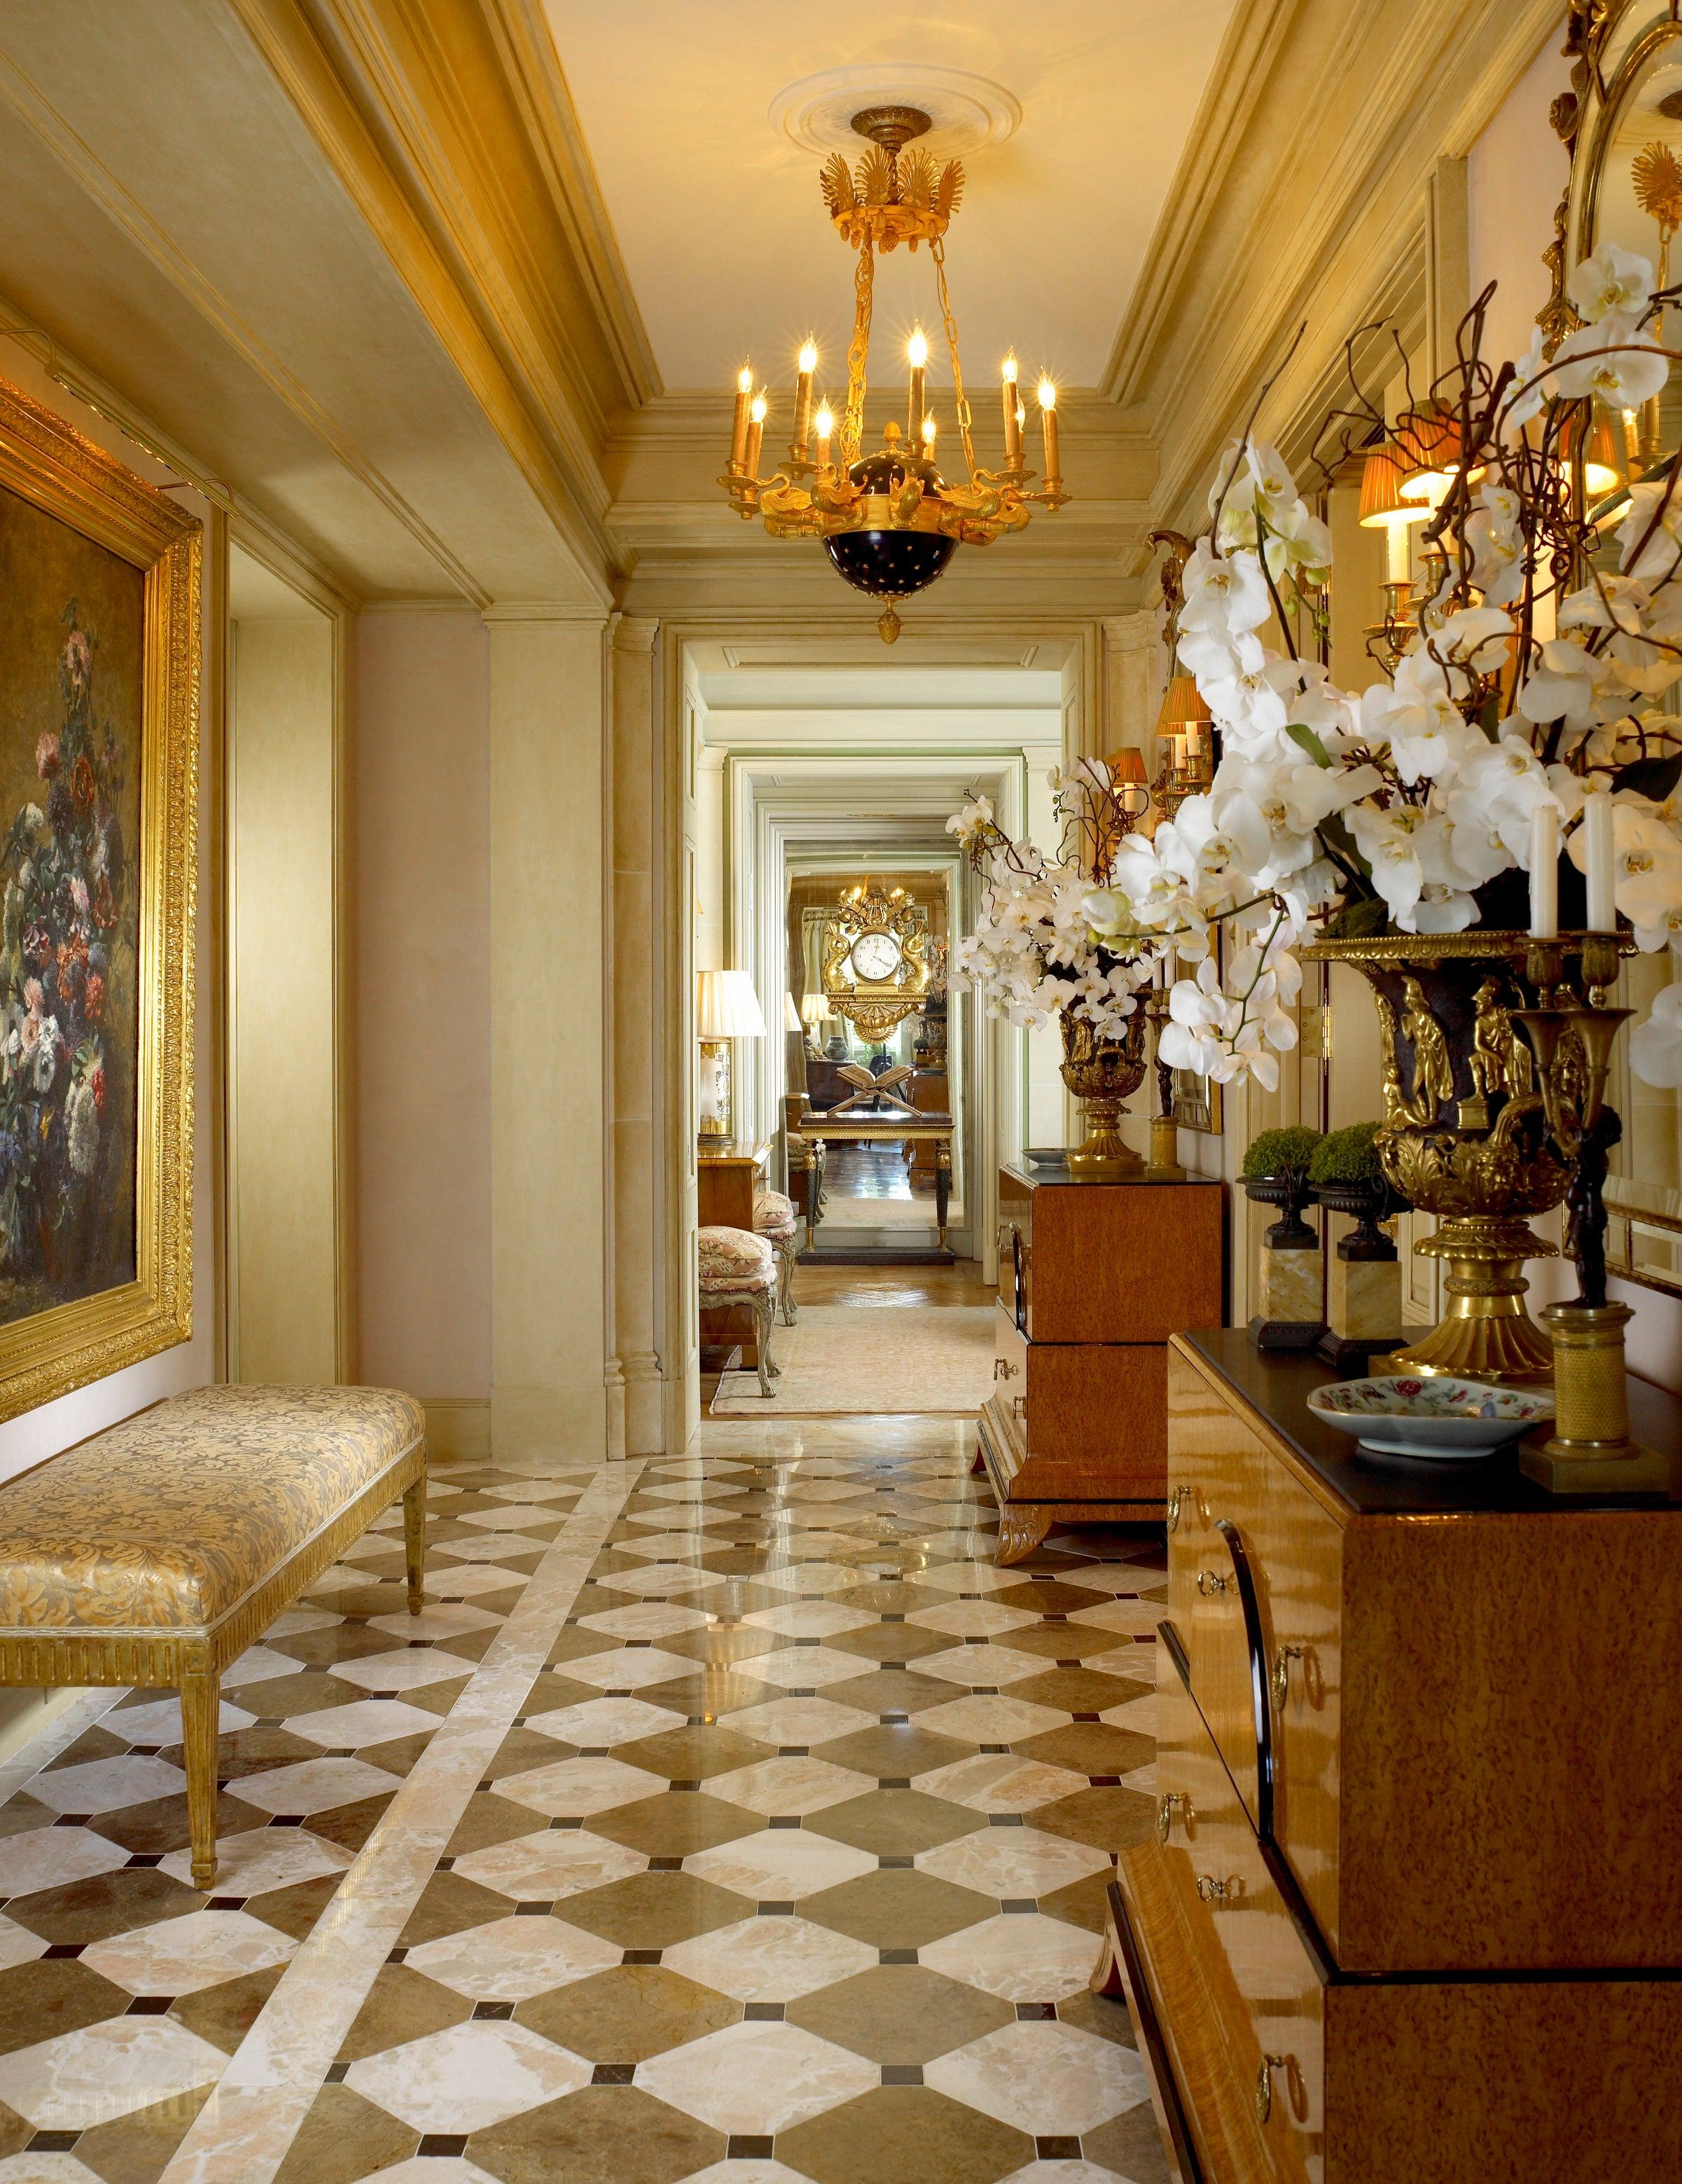 William R Eubanks Interior Design Inc Palm Beach Fl